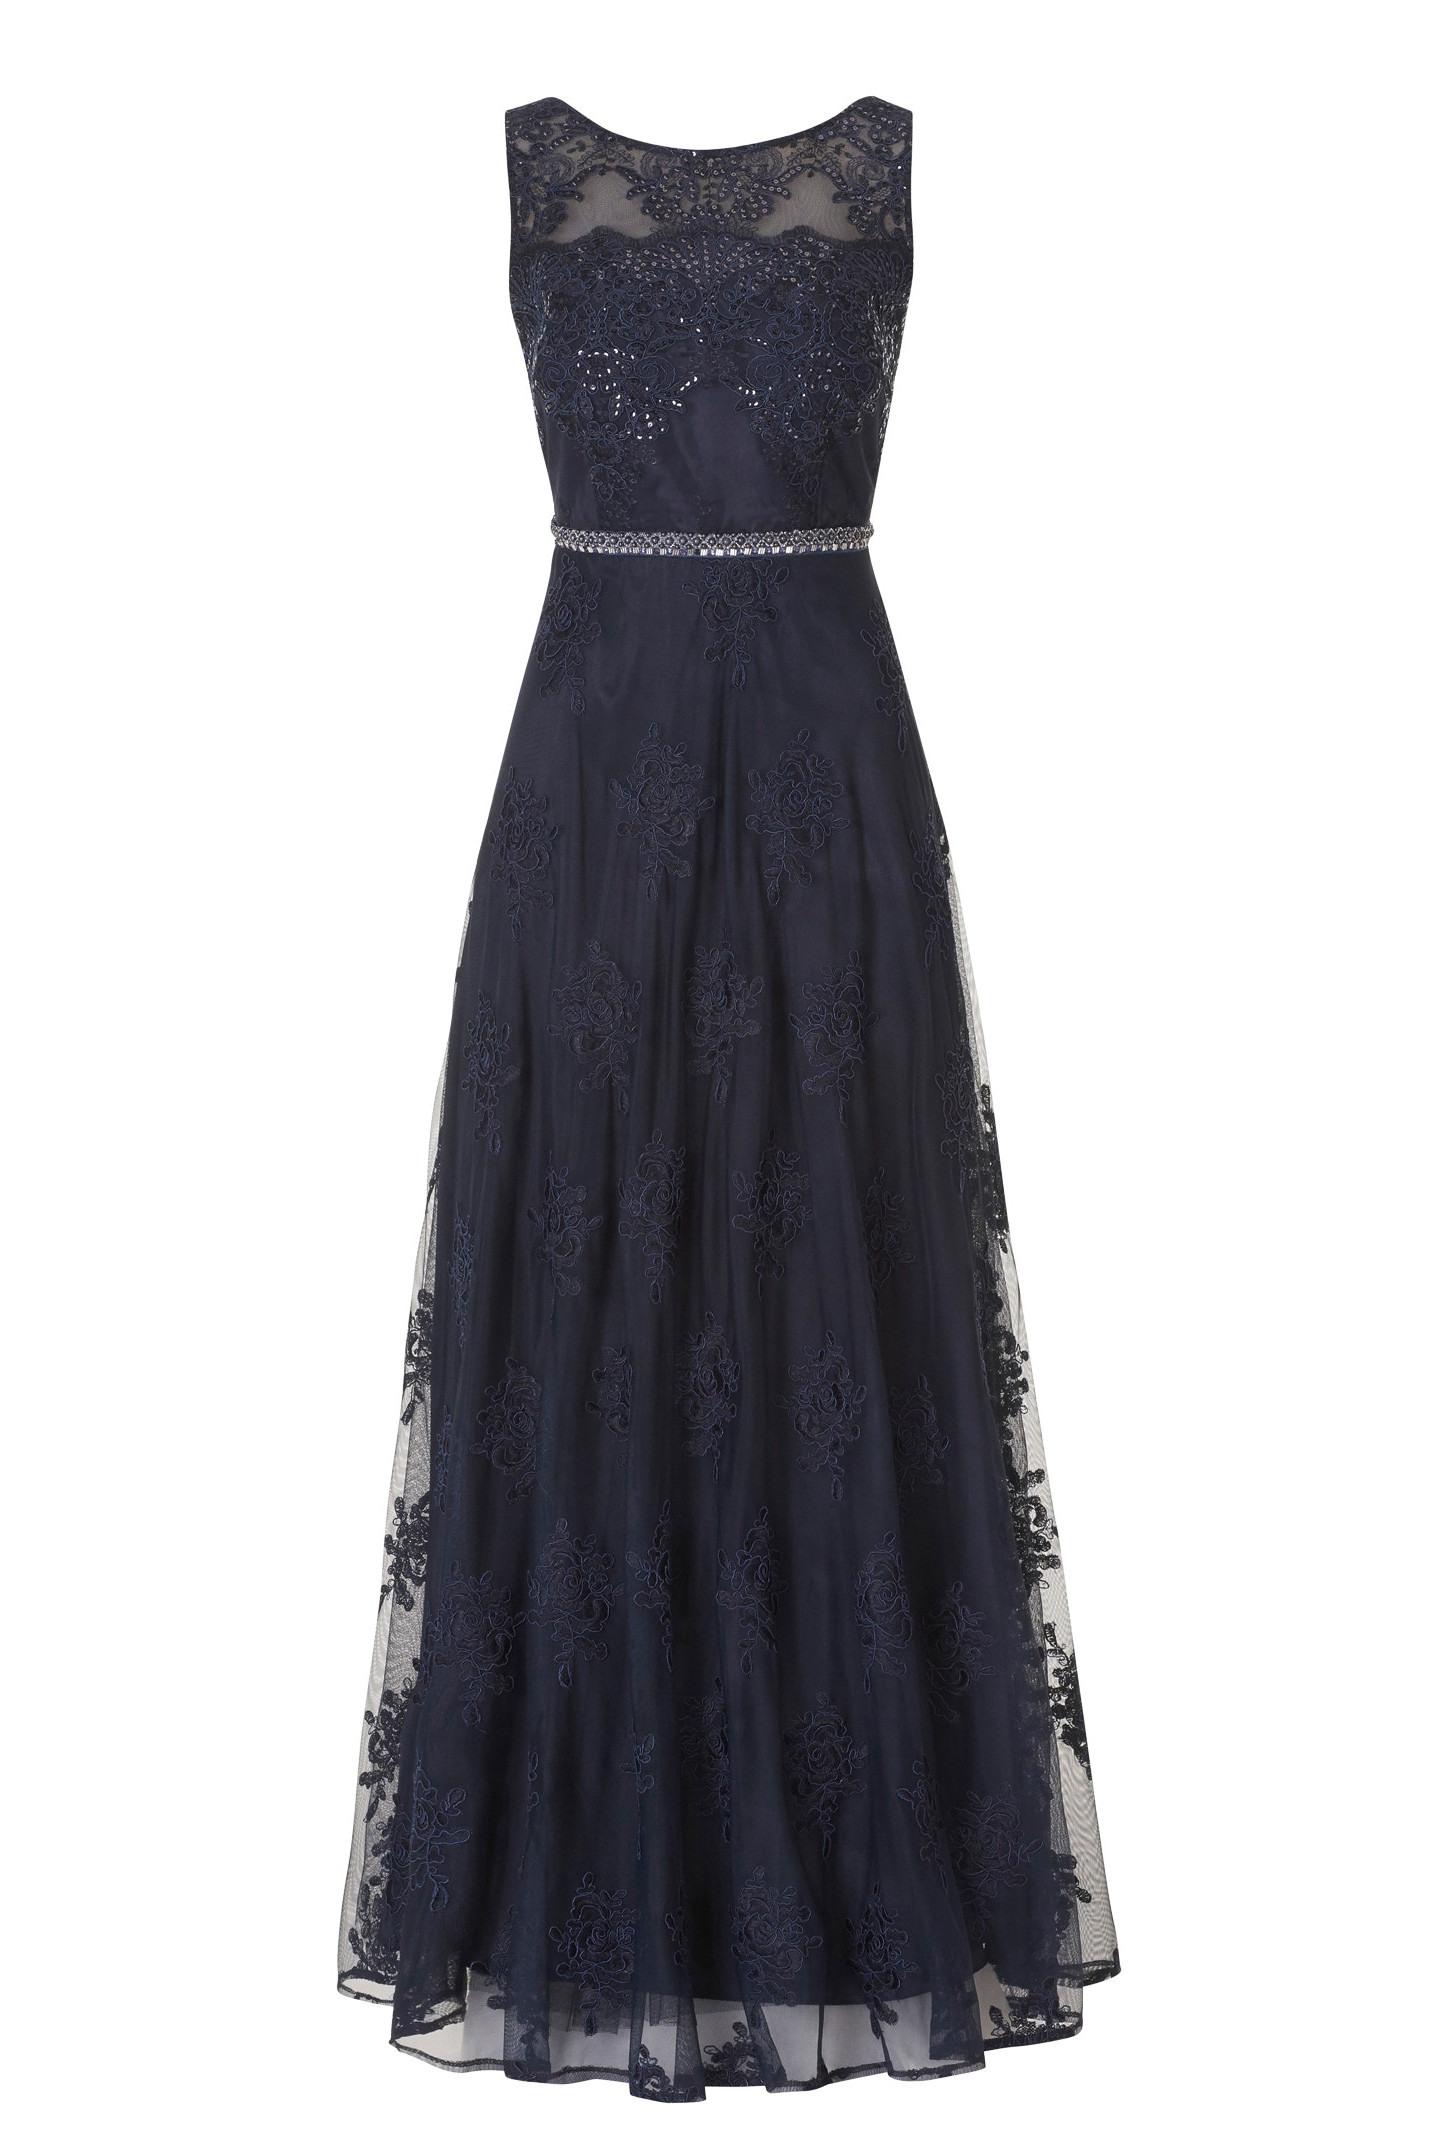 17 Einzigartig Abend Kleid Dunkel Blau DesignAbend Schön Abend Kleid Dunkel Blau Ärmel